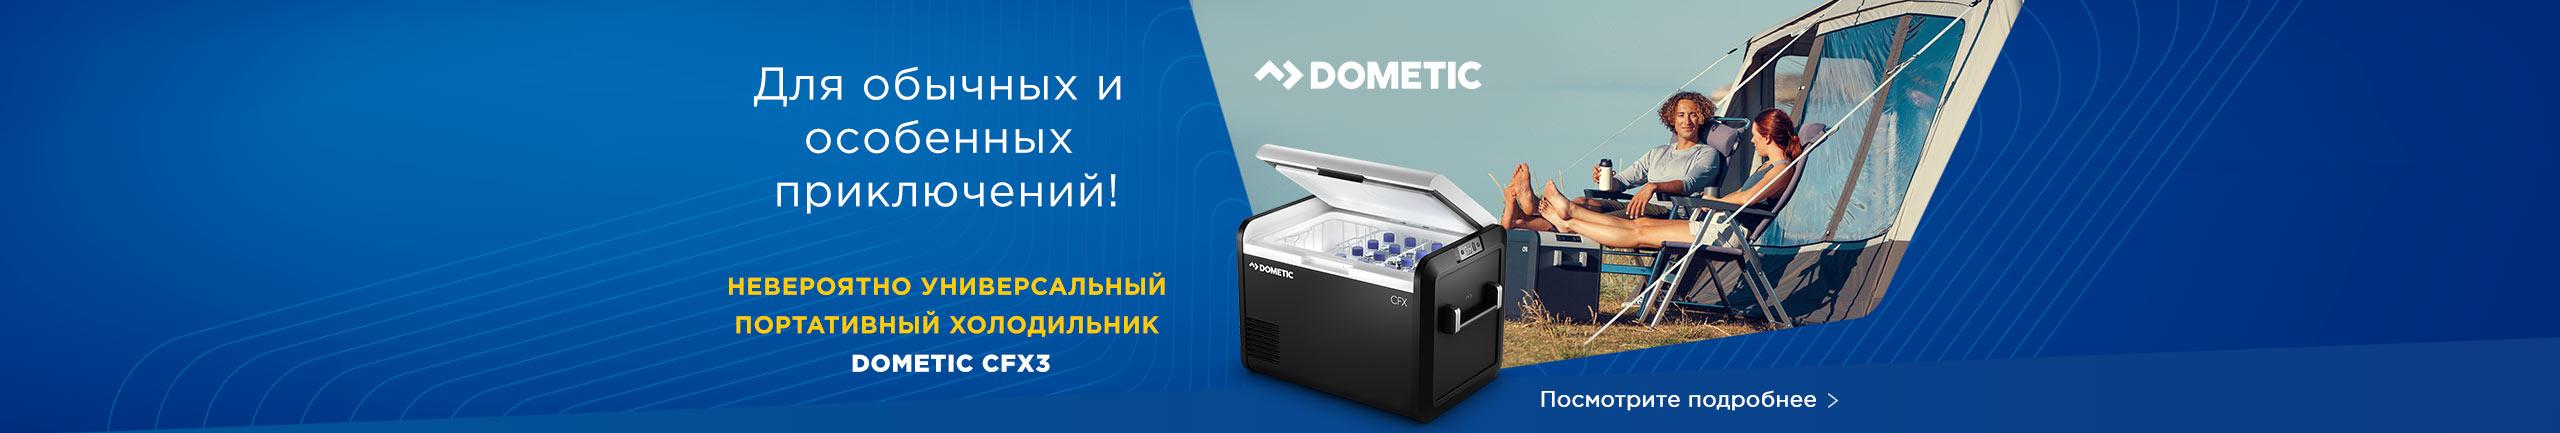 Невероятно универсальный портативный холодильник Dometic CFX3